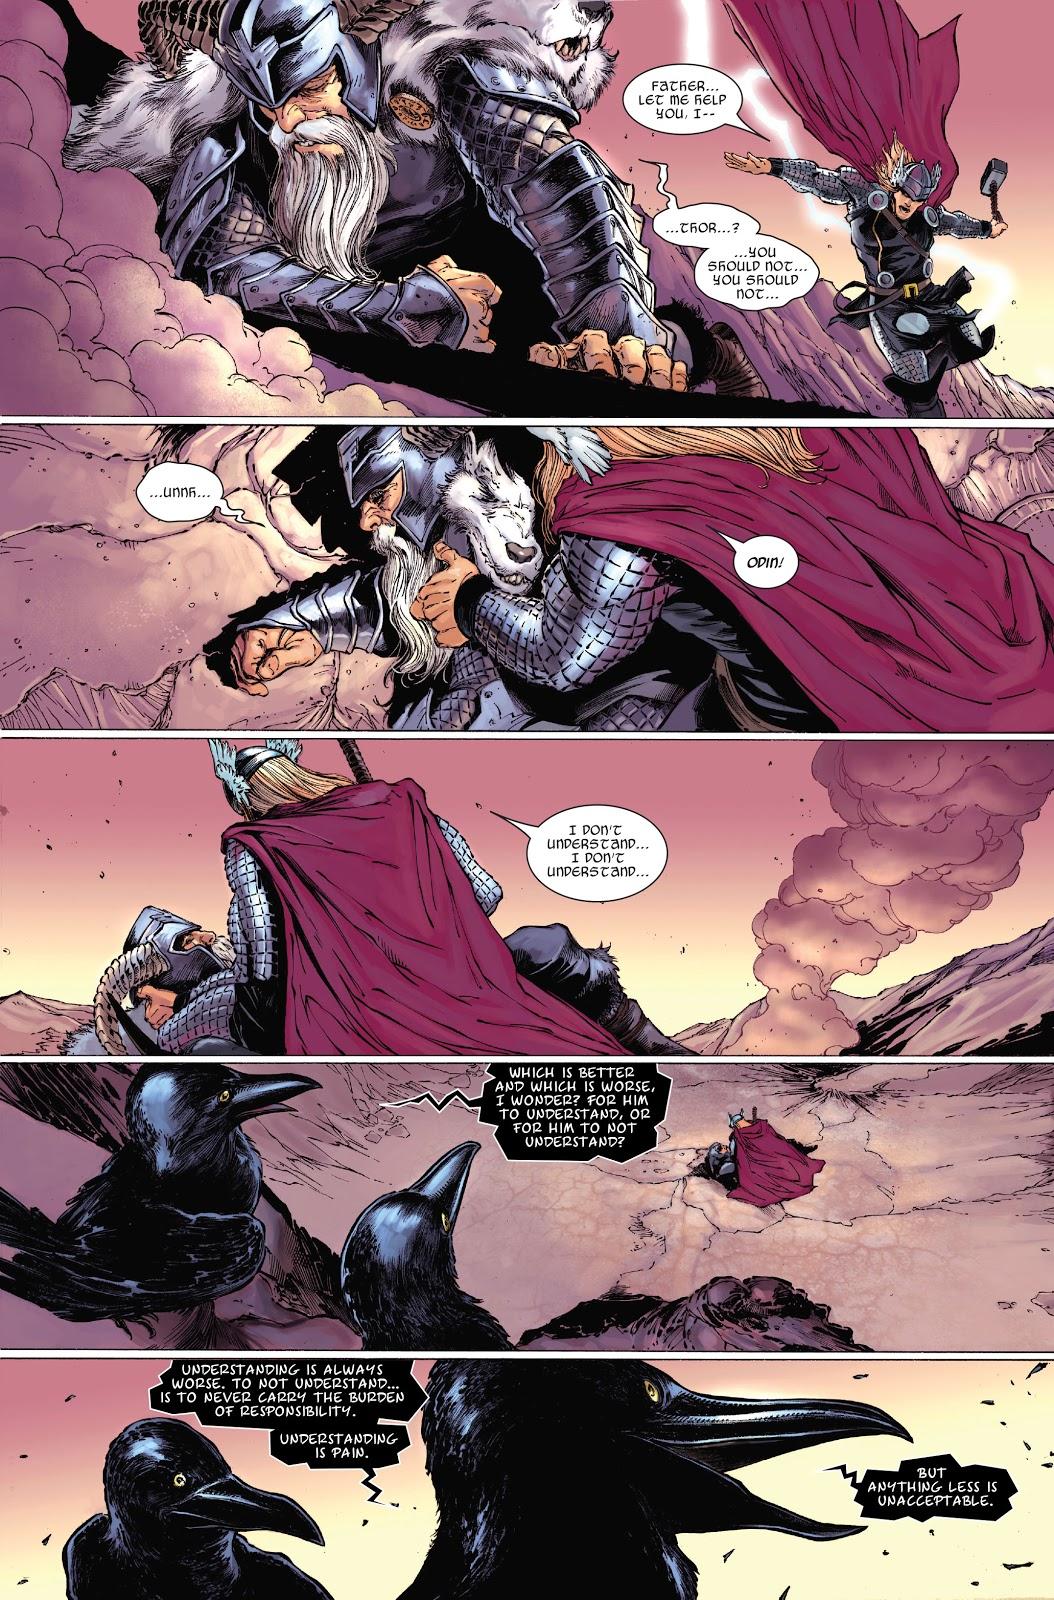 Odin VS Surthur (Thor Vol. 3 #7)